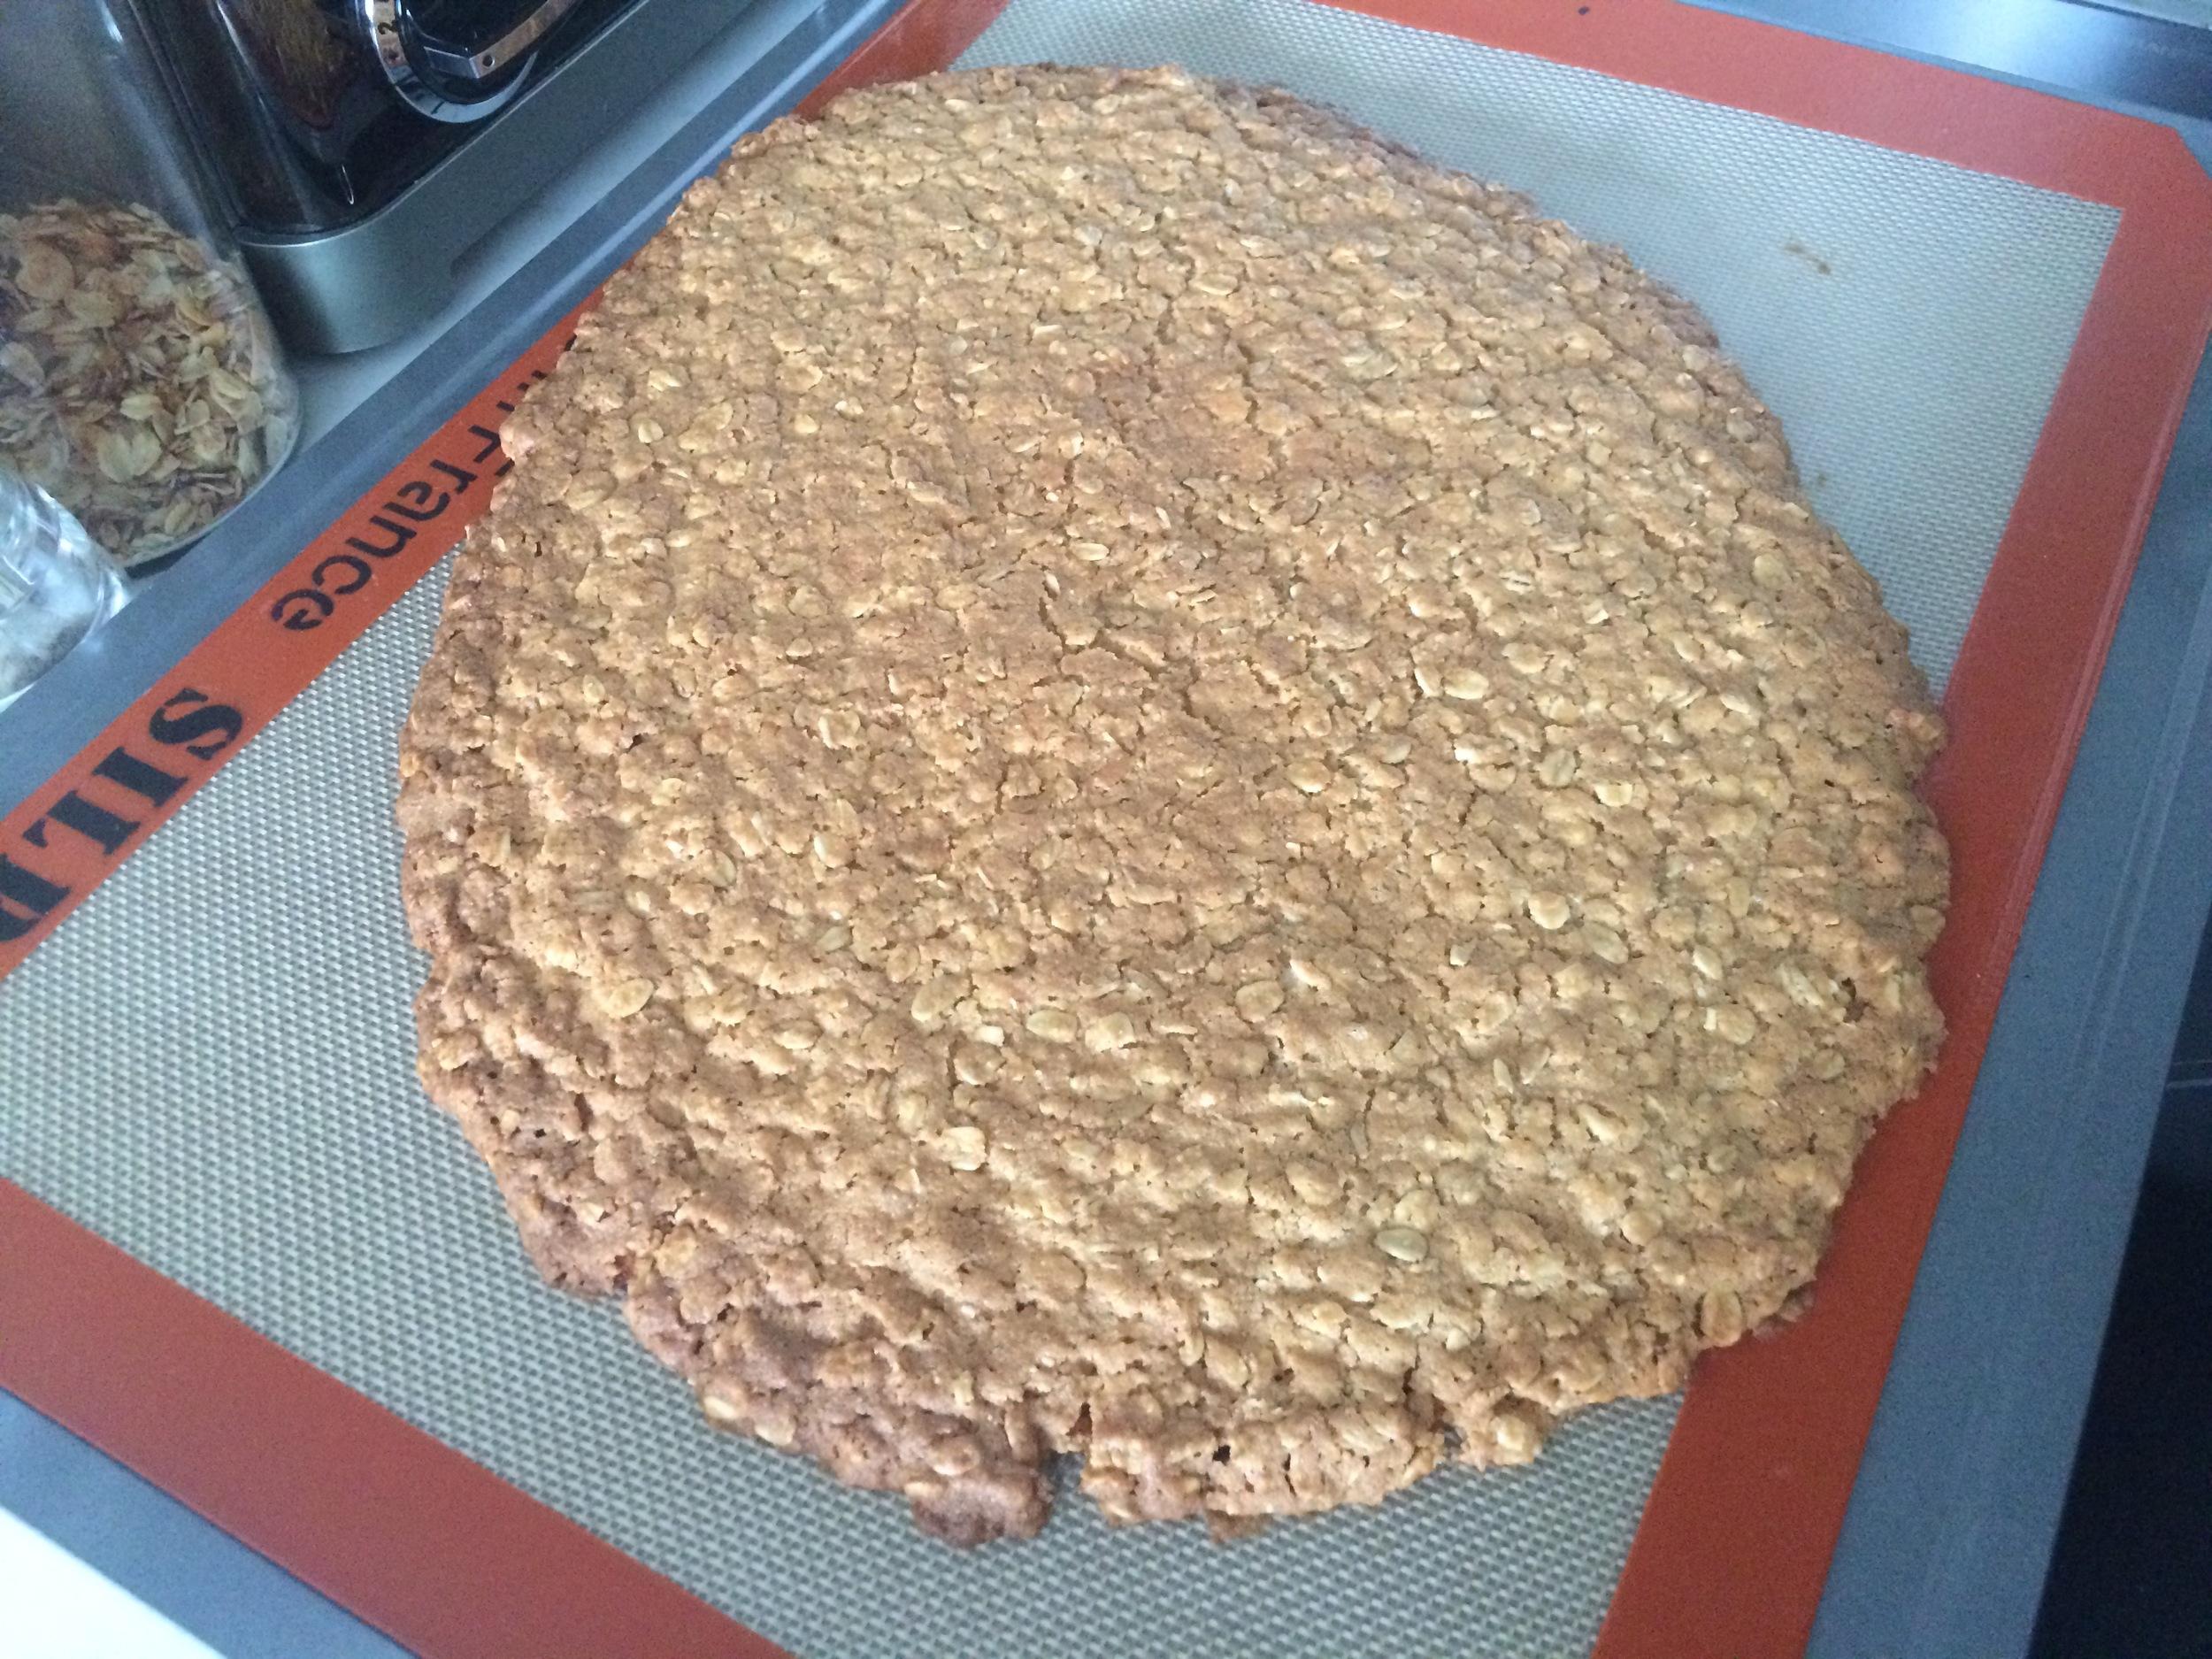 Asse por aproximadamente 15 minutos (dependerá do forno). O ponto é quando as bordas estiverem douradas, mas a massa ainda cede um pouco ao toque. Sua casa deverá estar cheirando a cookie!